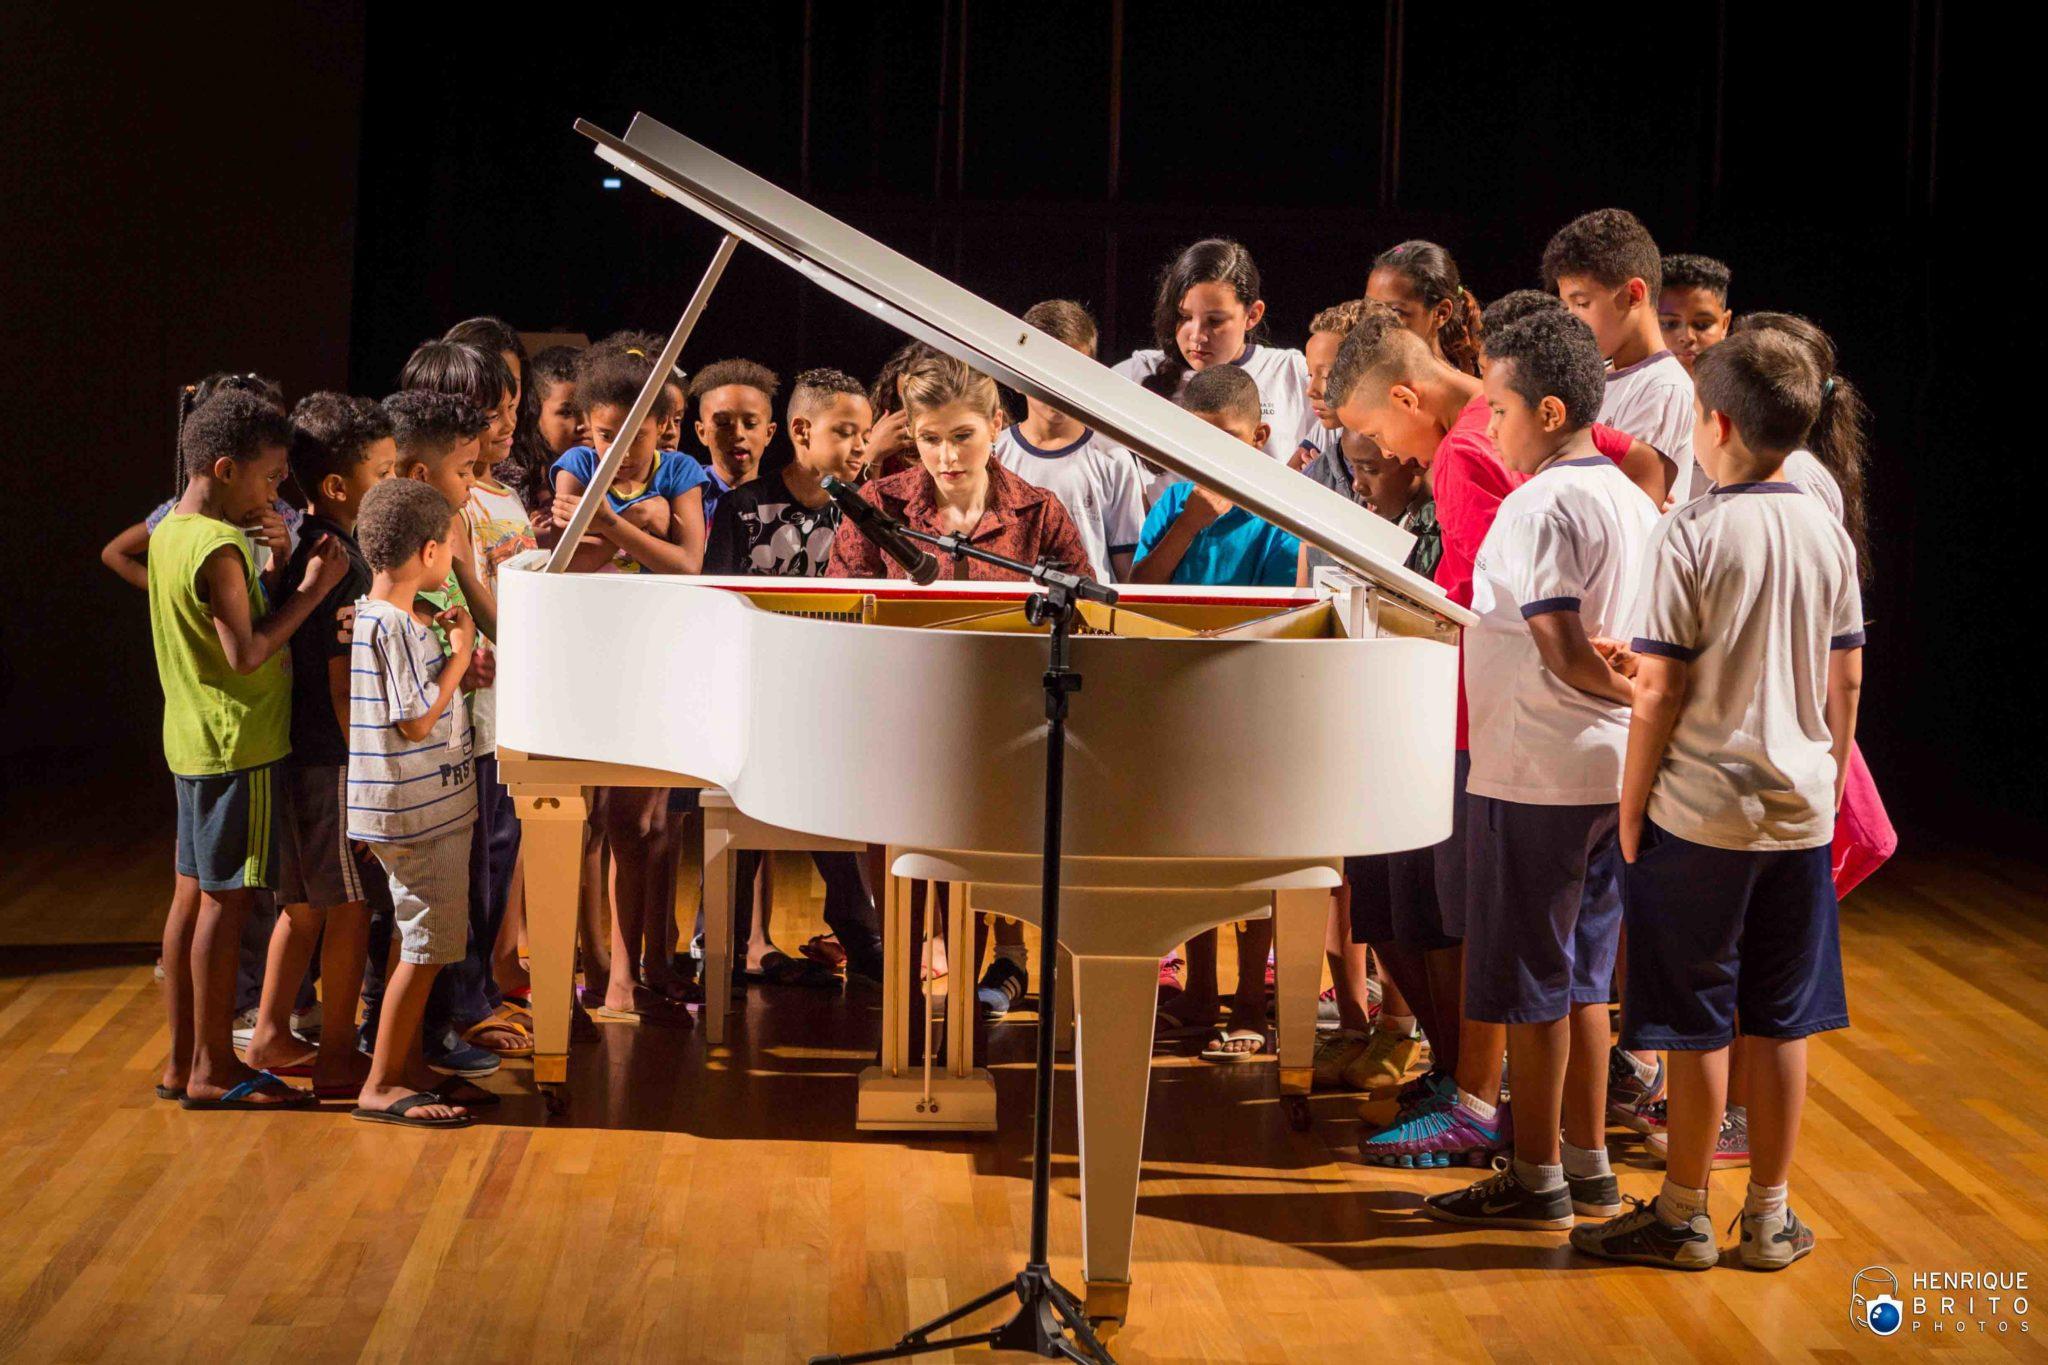 pianista toca piano cercada crianças palco